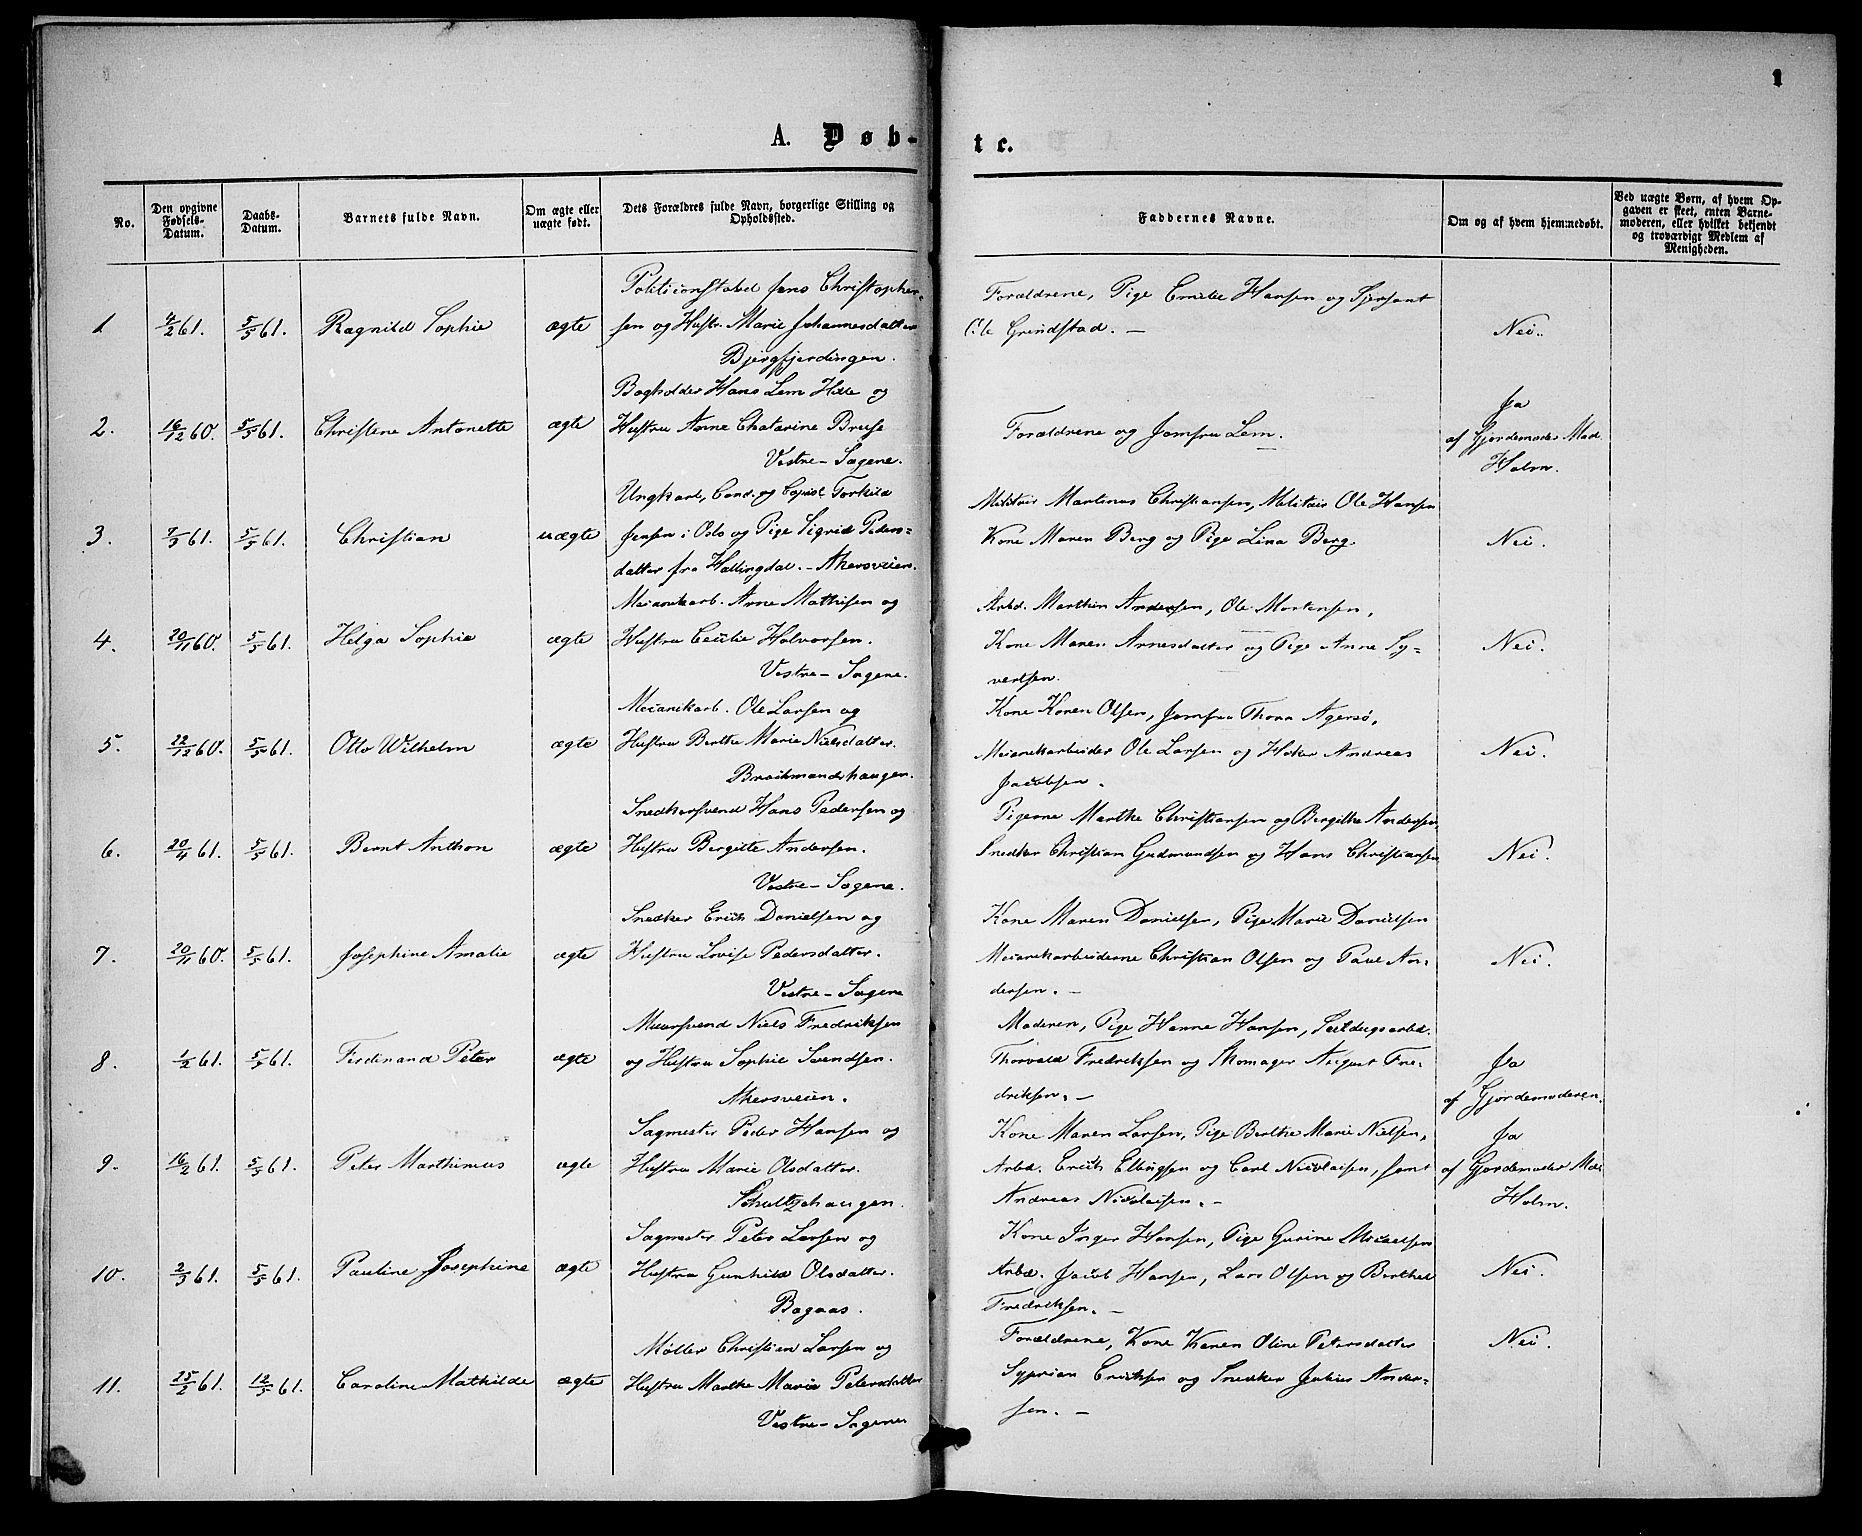 SAO, Gamle Aker prestekontor Kirkebøker, G/L0001: Klokkerbok nr. 1, 1861-1868, s. 1